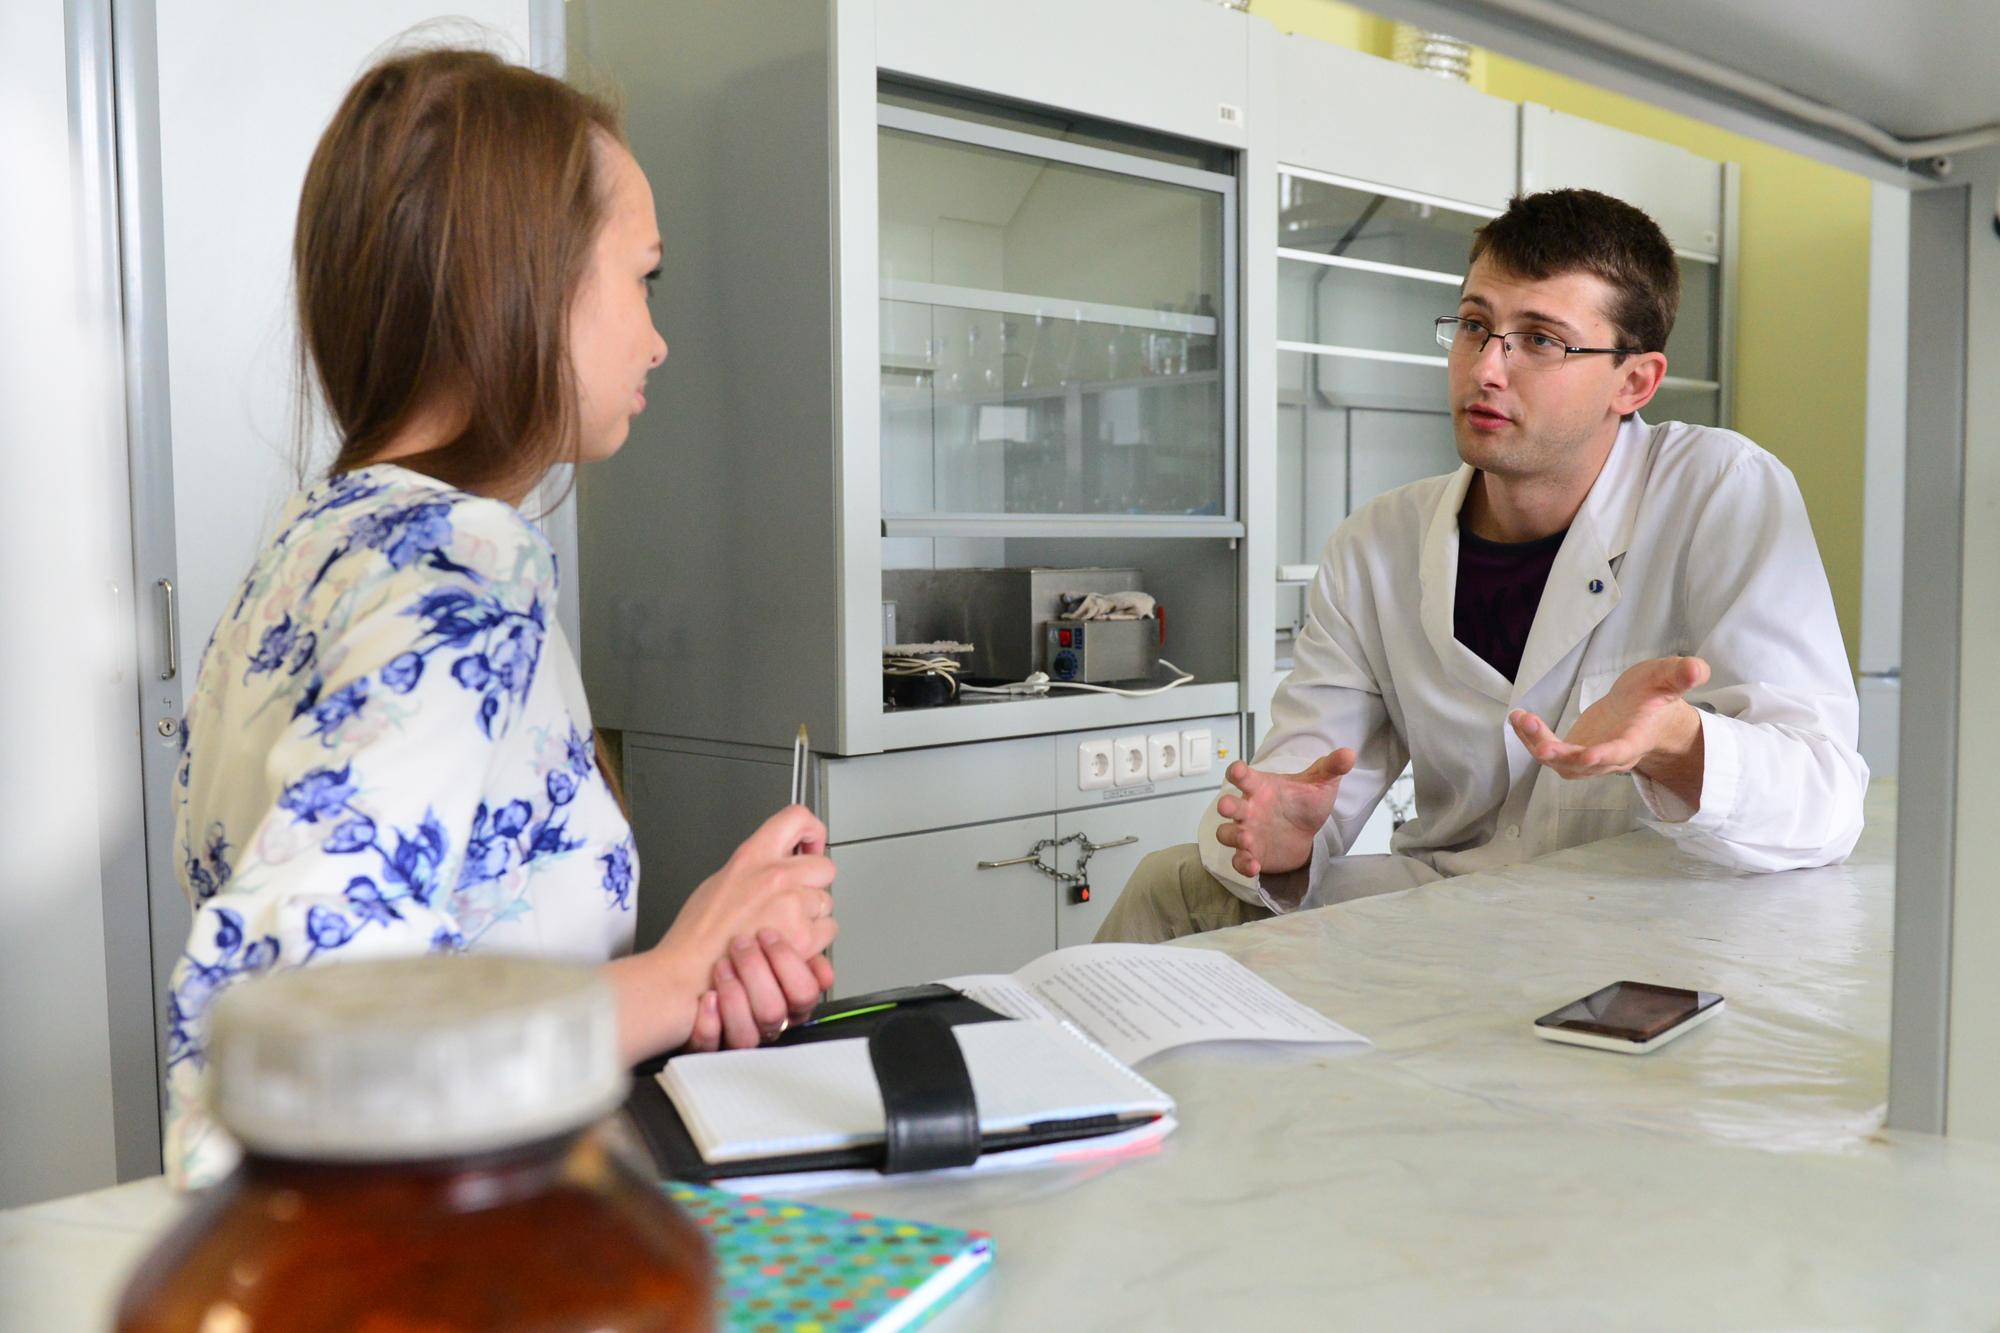 По словам Александра Ермошина, технология получения ГМО скопирована у природы